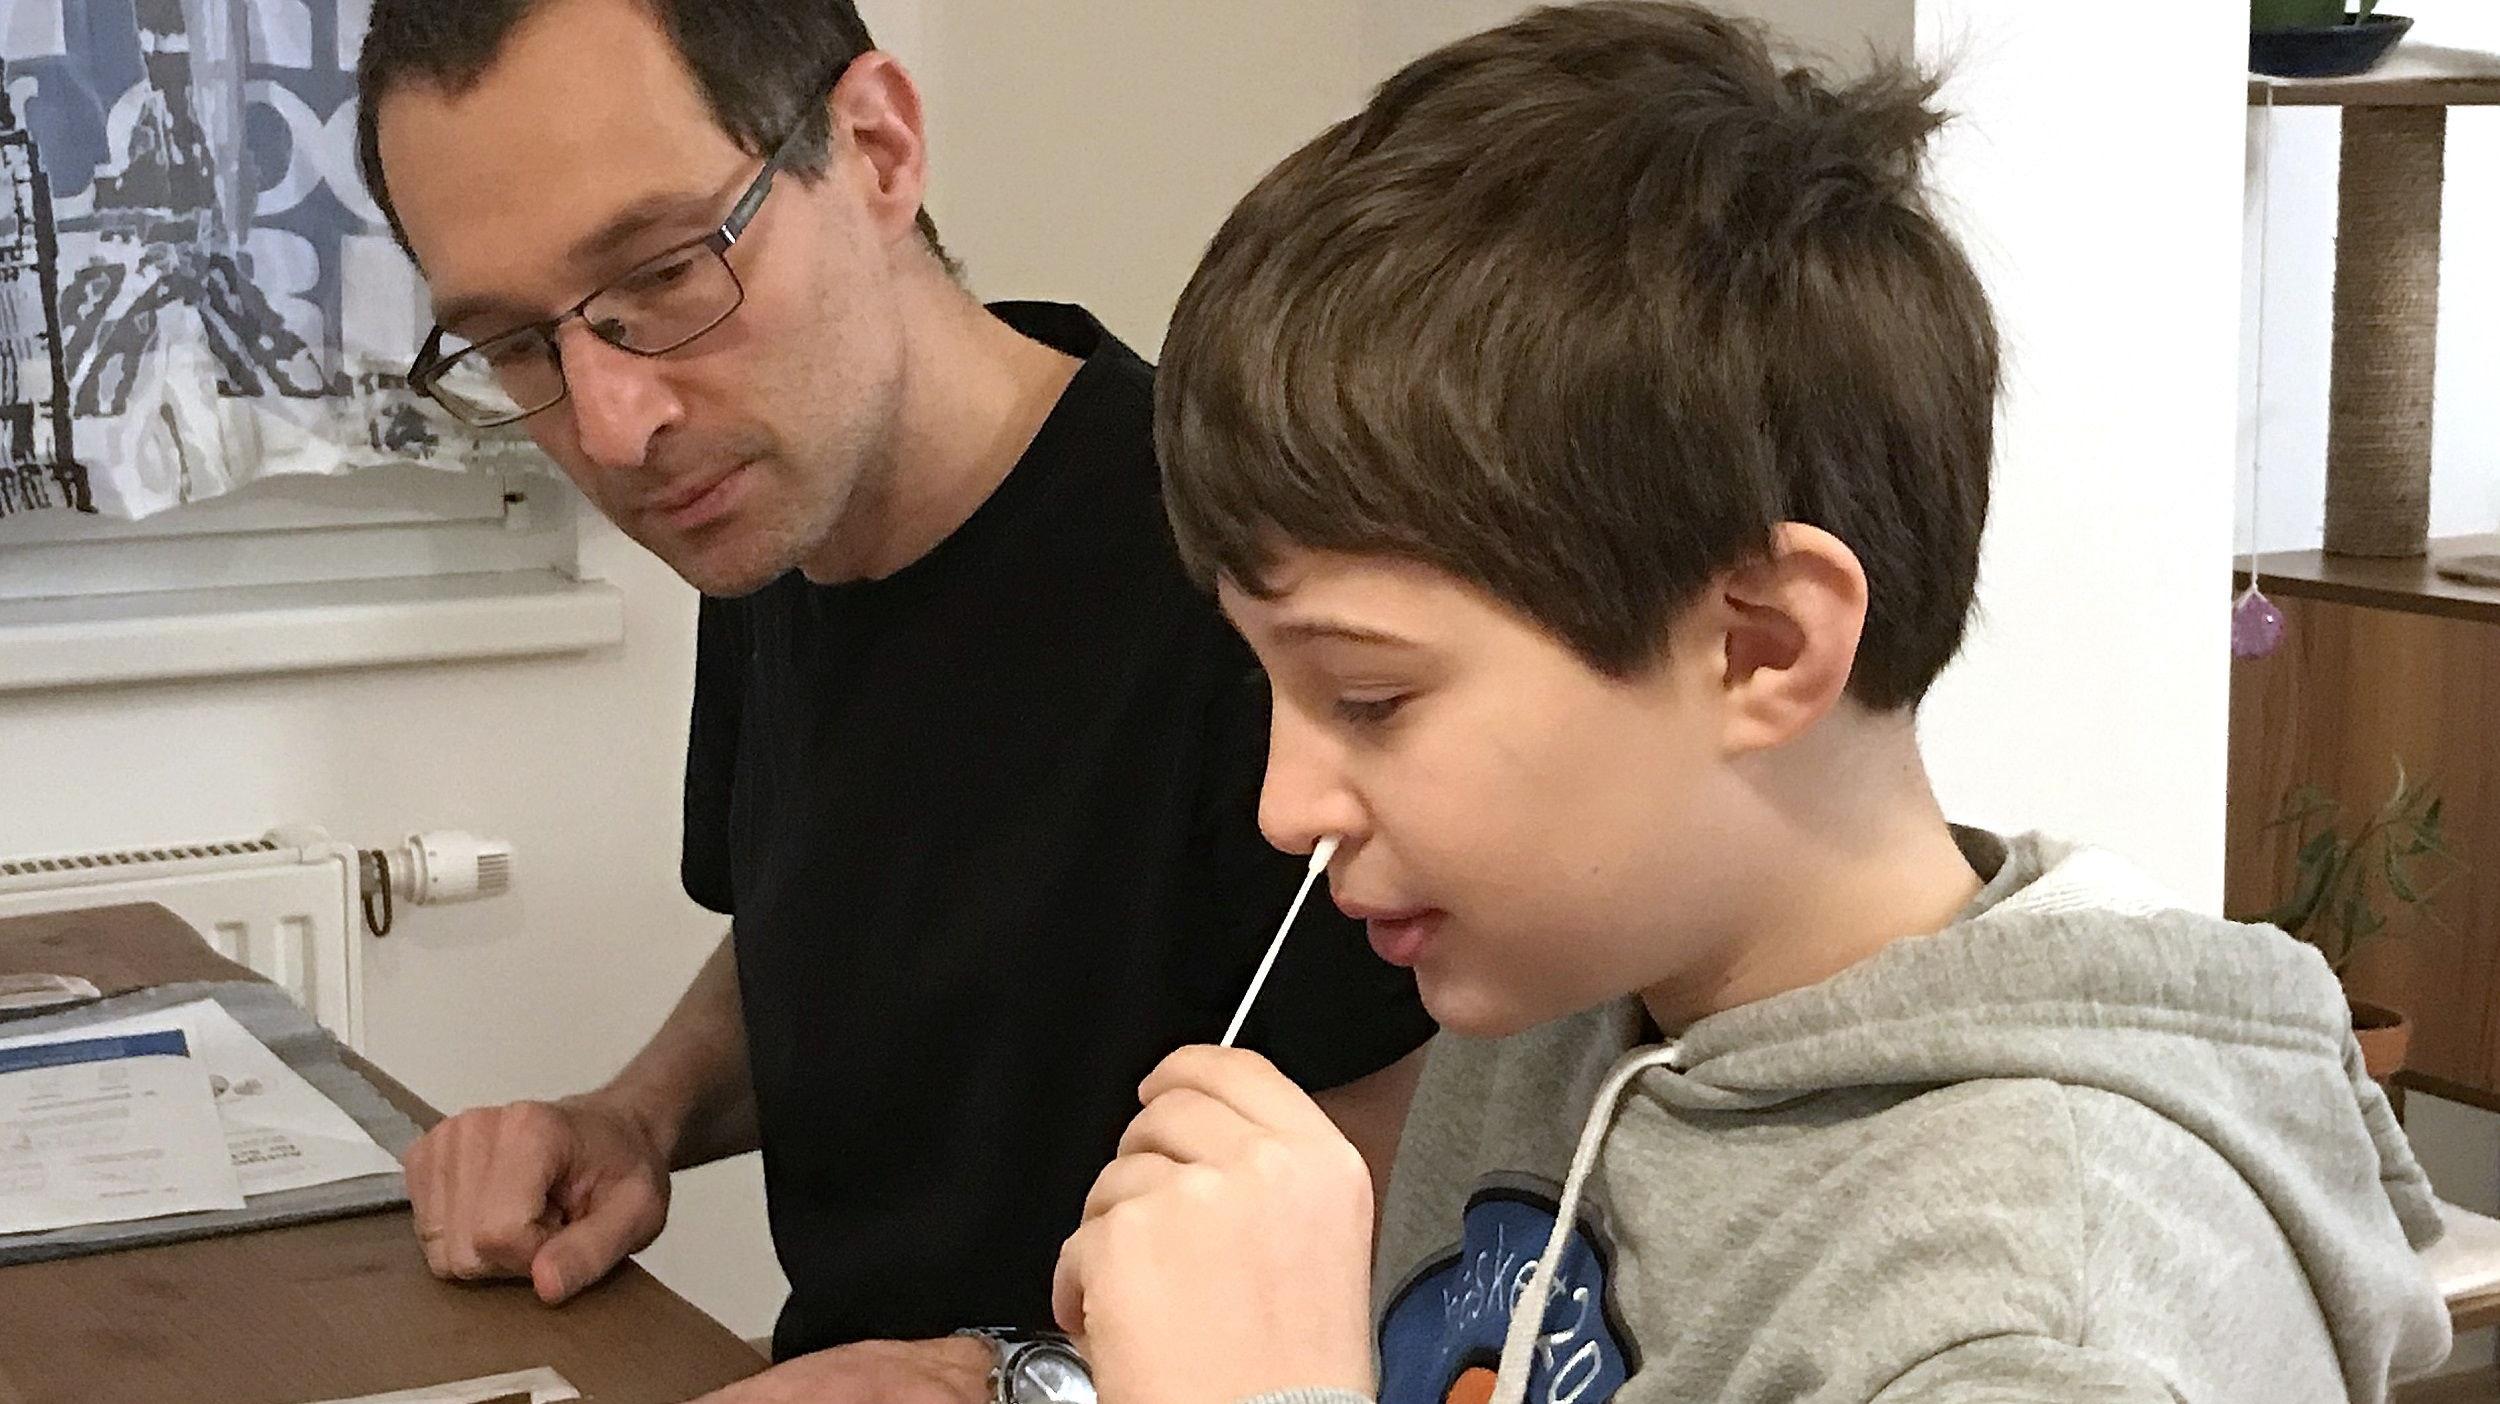 Test zuhause: Ein Schüler nimmt einen Abstrich aus seiner Nase unter Aufsicht seines Vaters. Foto: dpa/Oberkofler